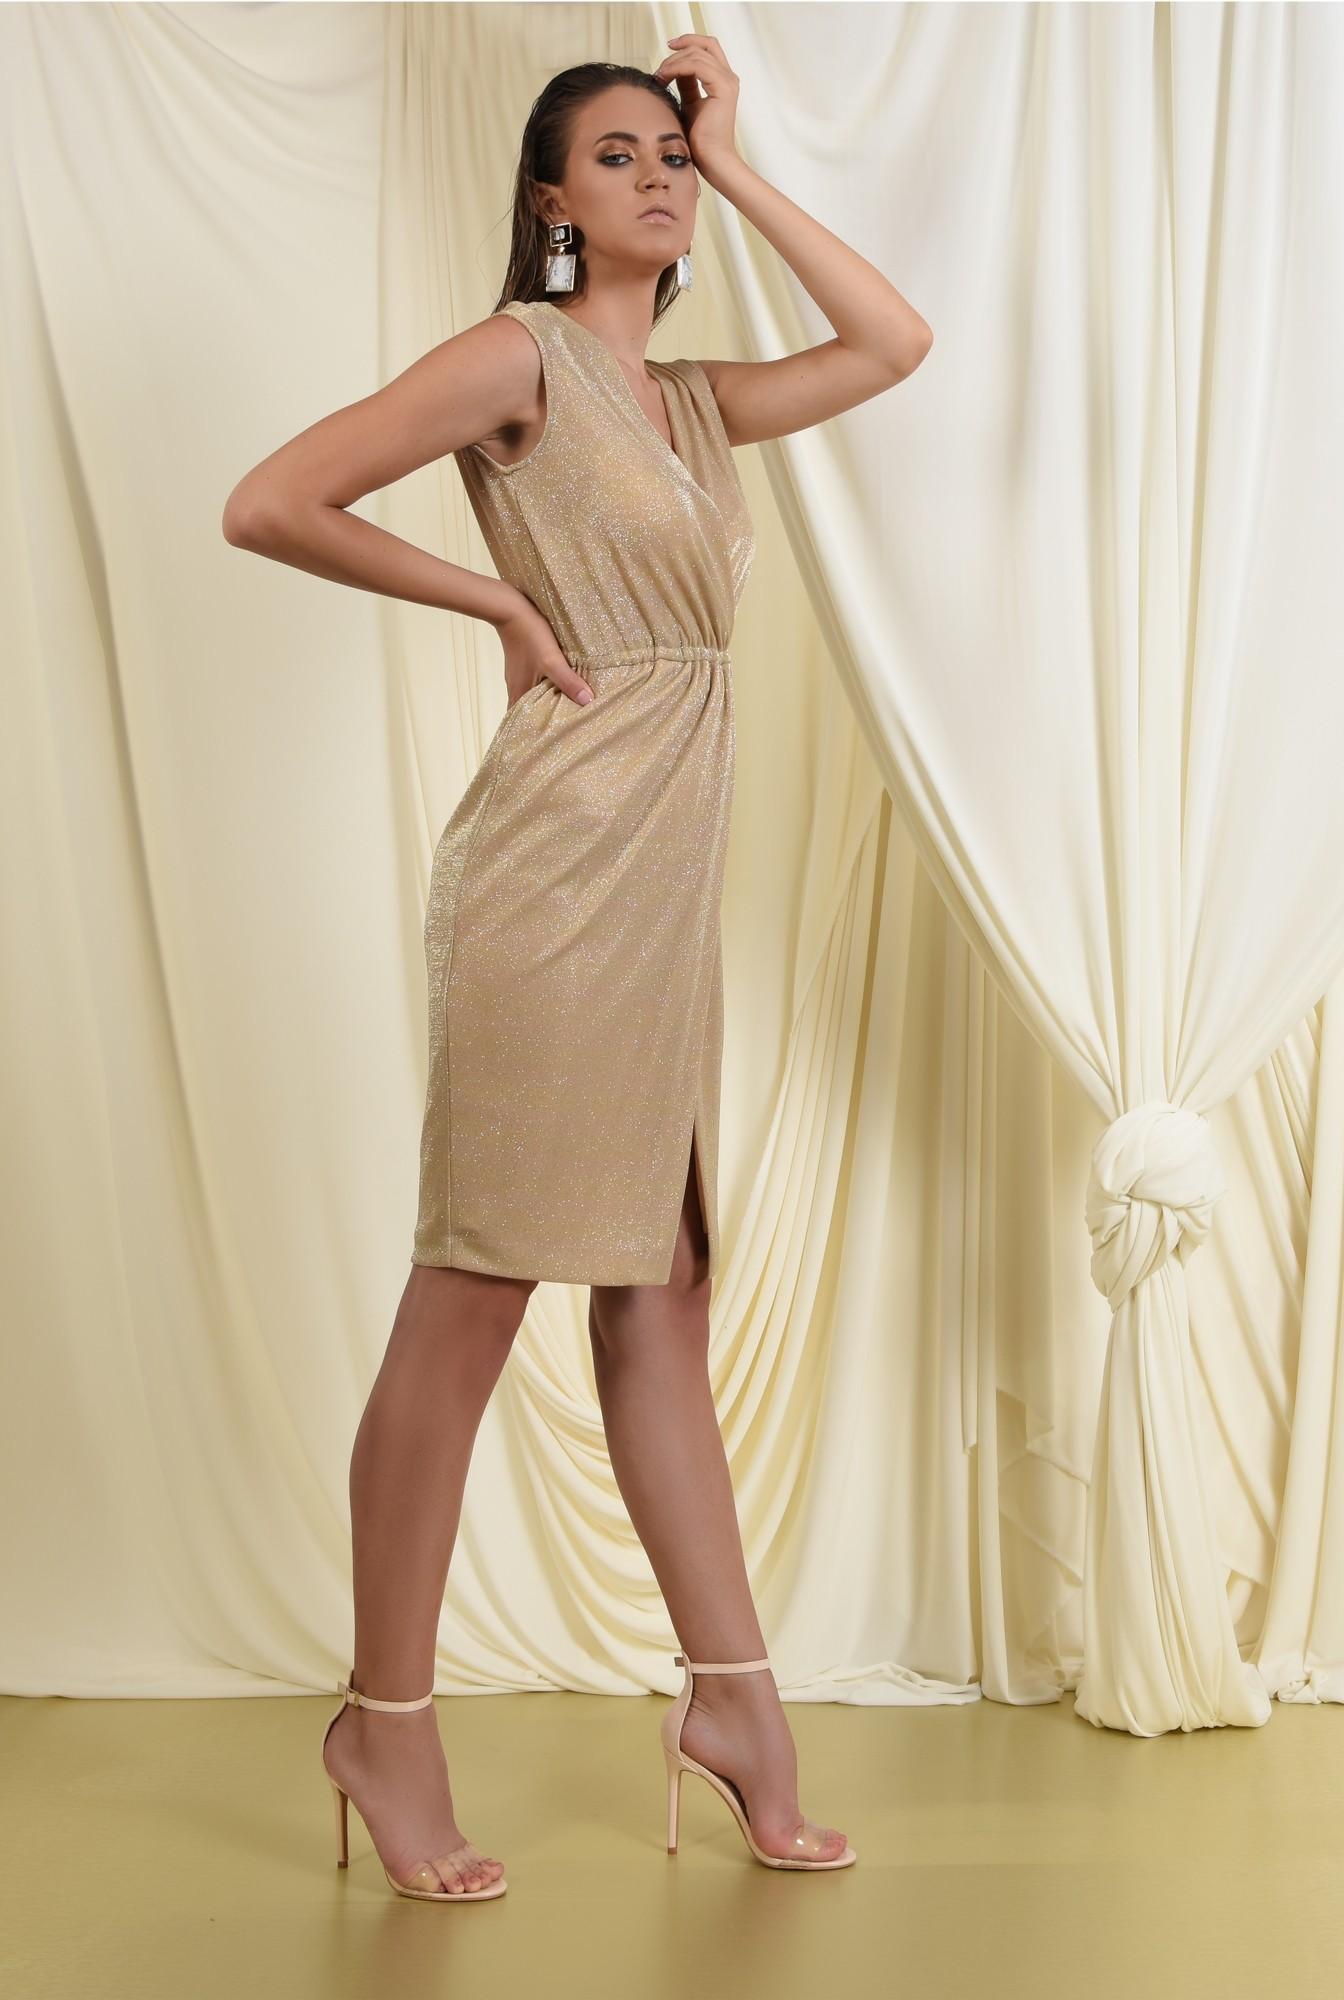 3 - 360 - rochie eleganta, aurie, conica, petrecuta